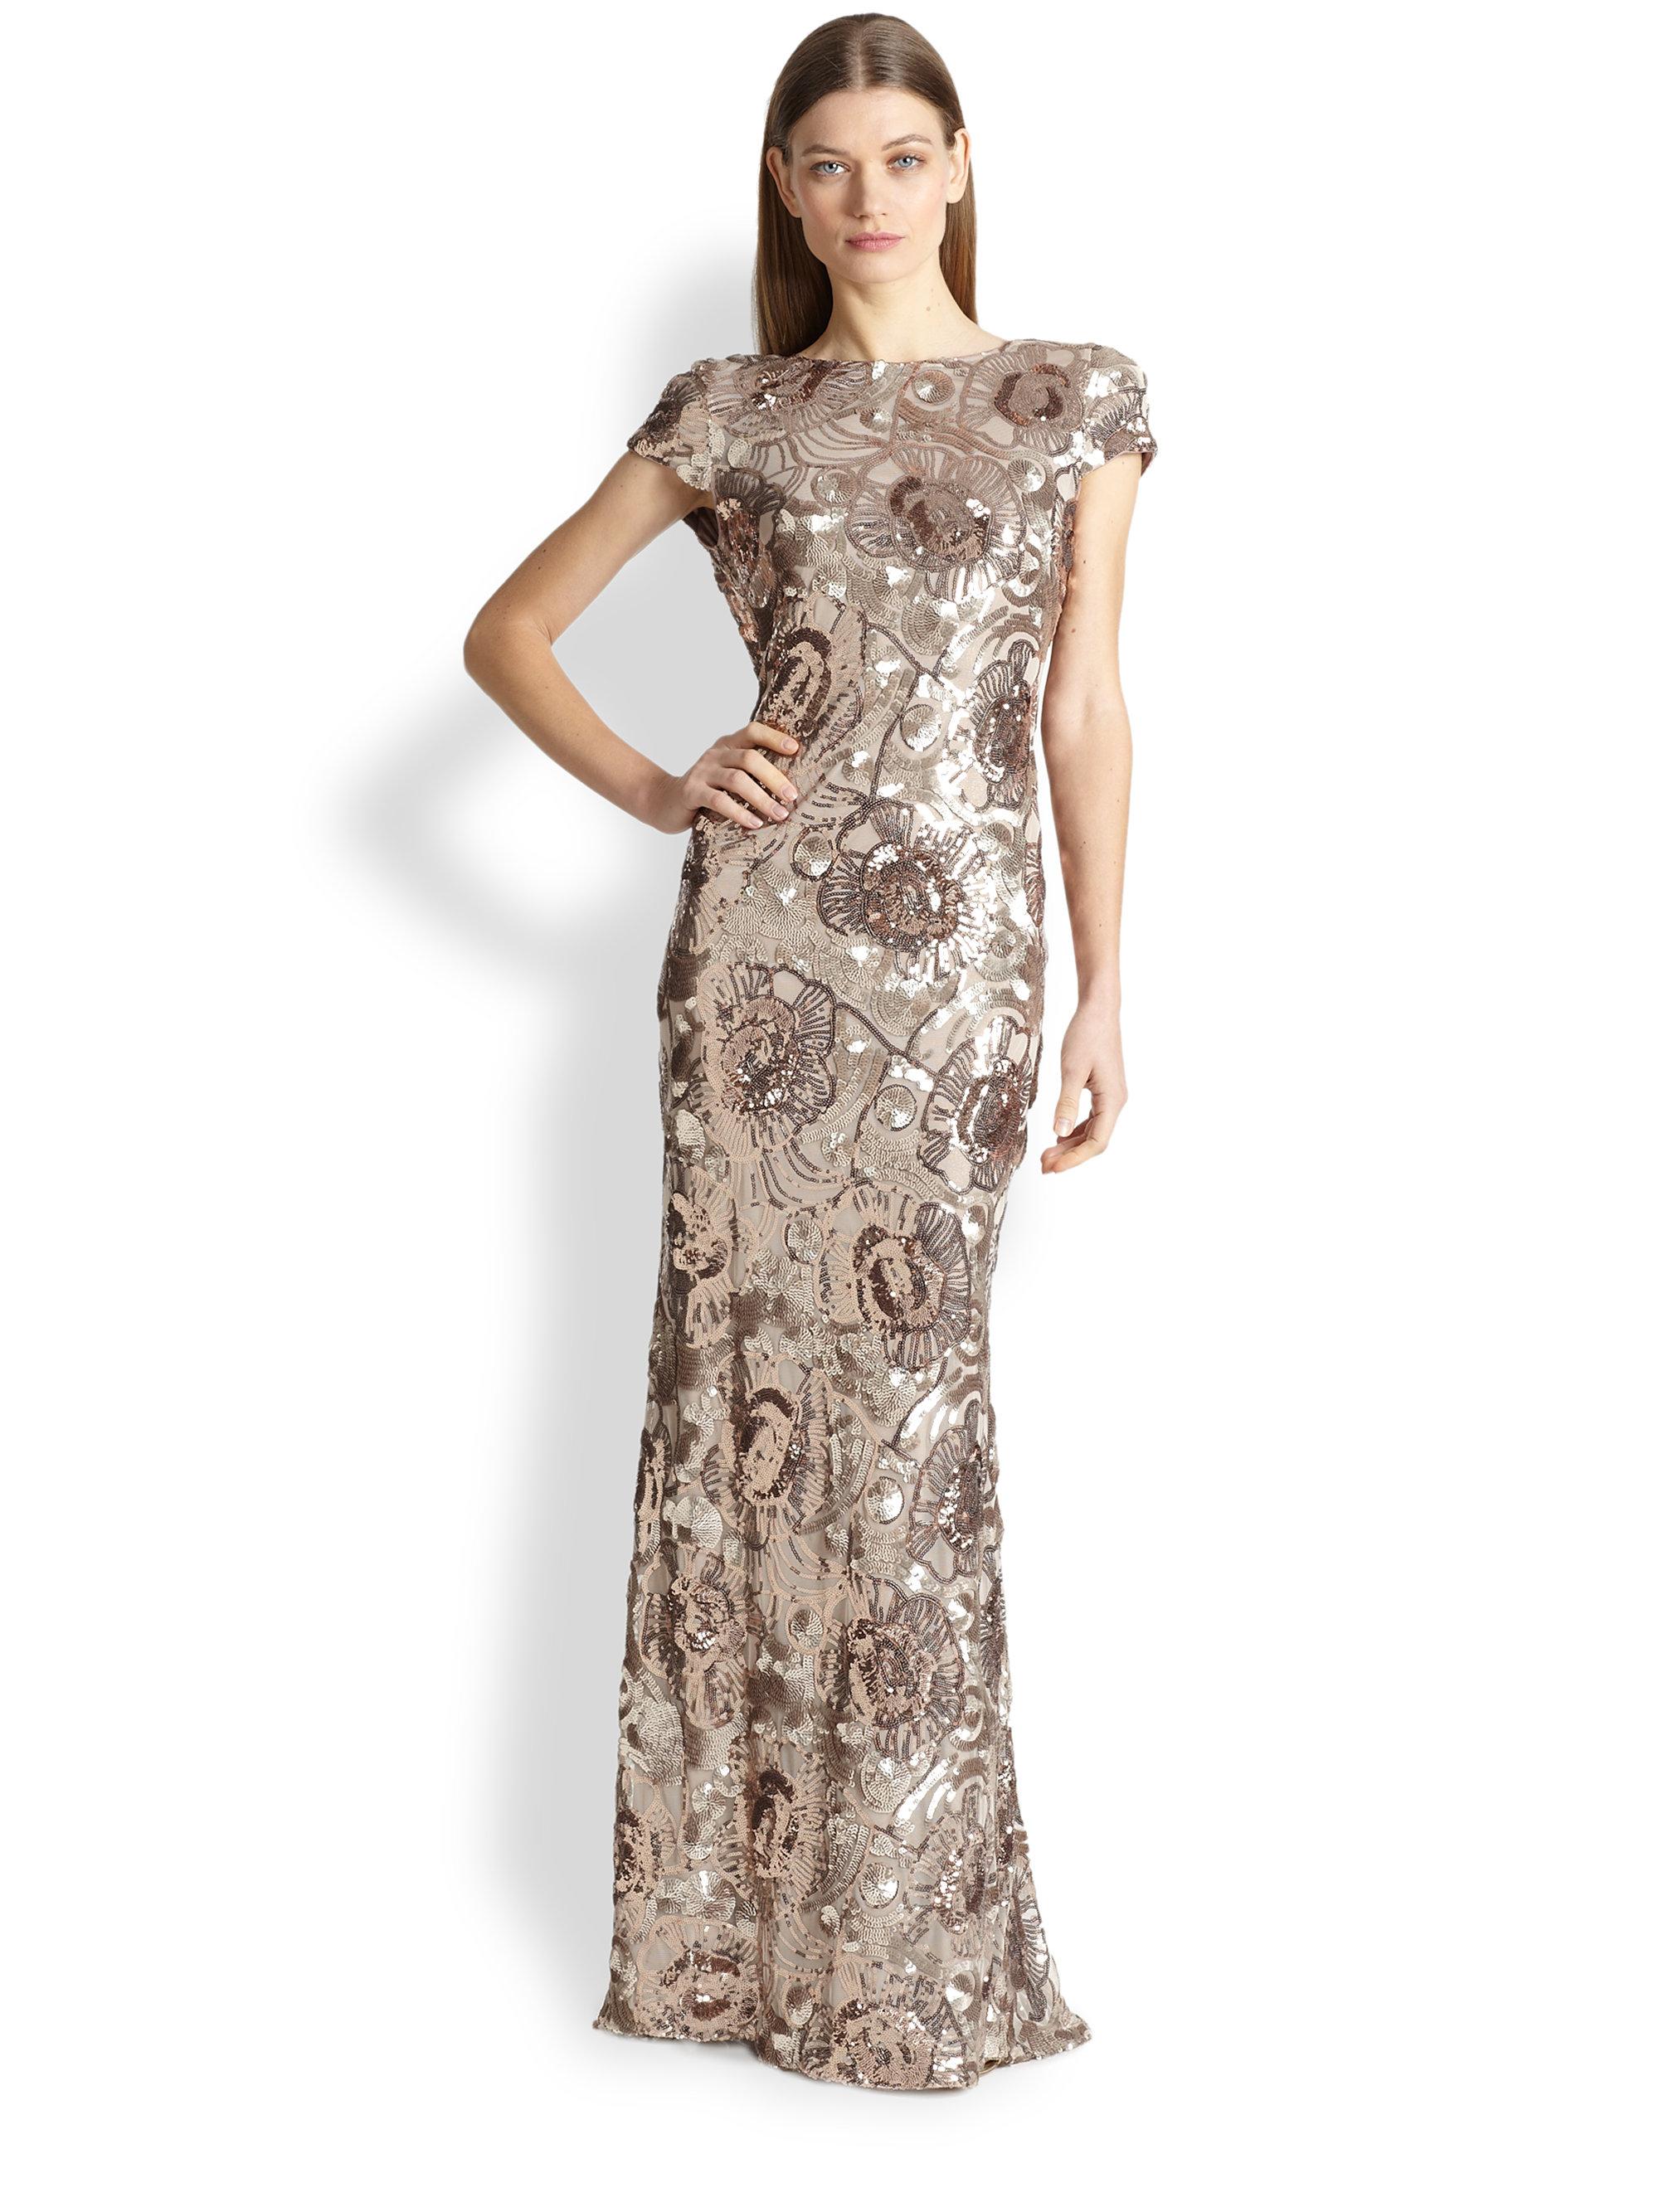 Fancy Badgley Mischka Glitz Gown Sketch - Top Wedding Gowns ...